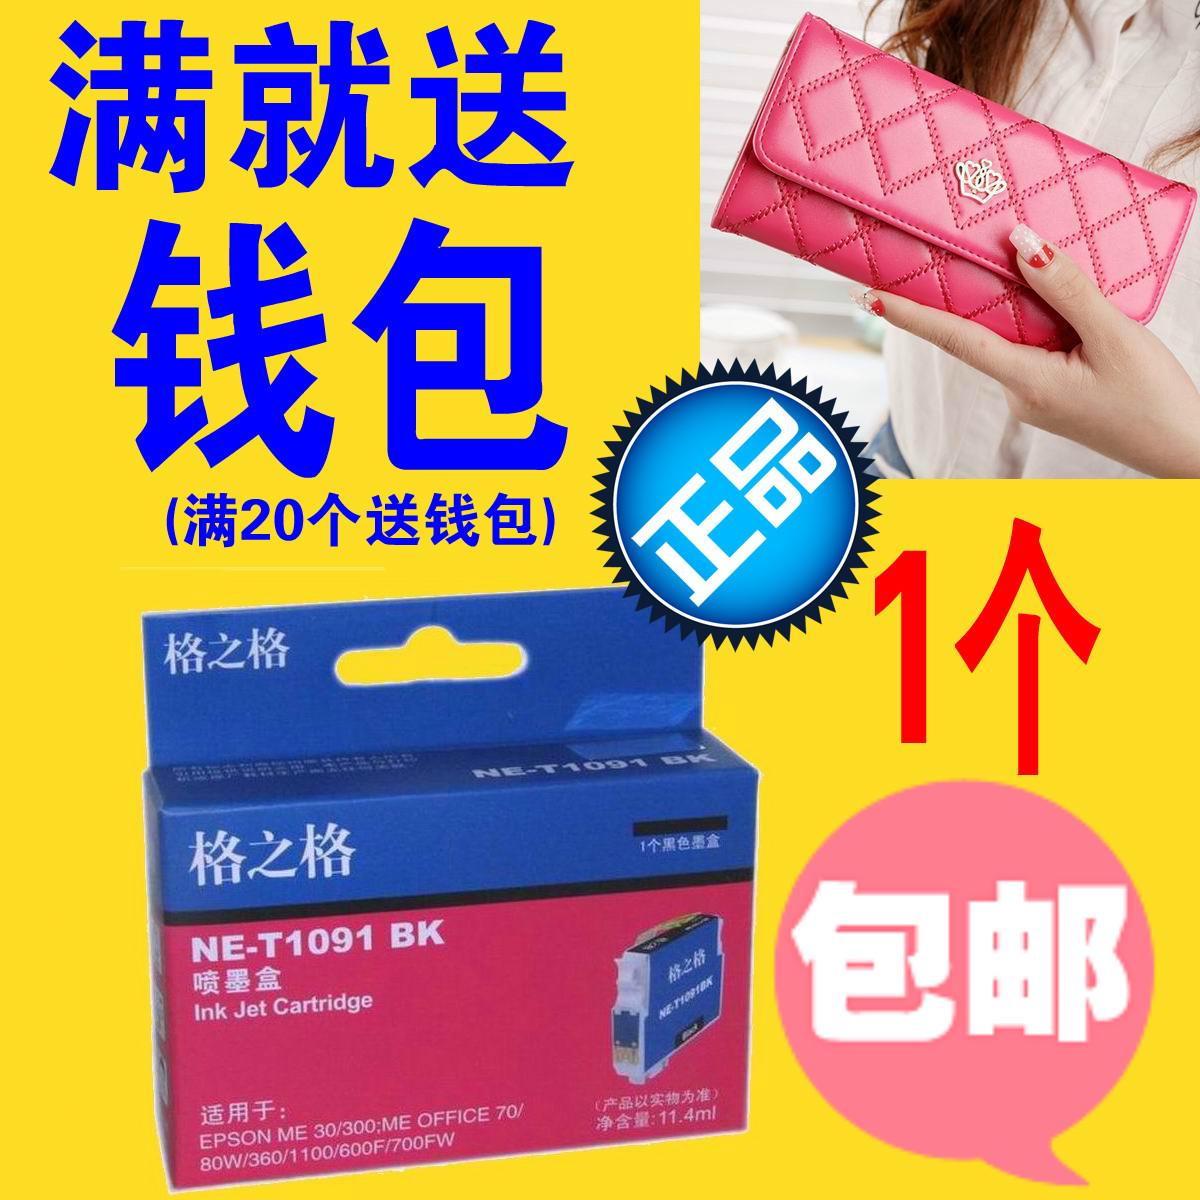 格之格T1091墨盒 适用爱普生ME30 ME300墨盒ME600F ME1100墨盒109